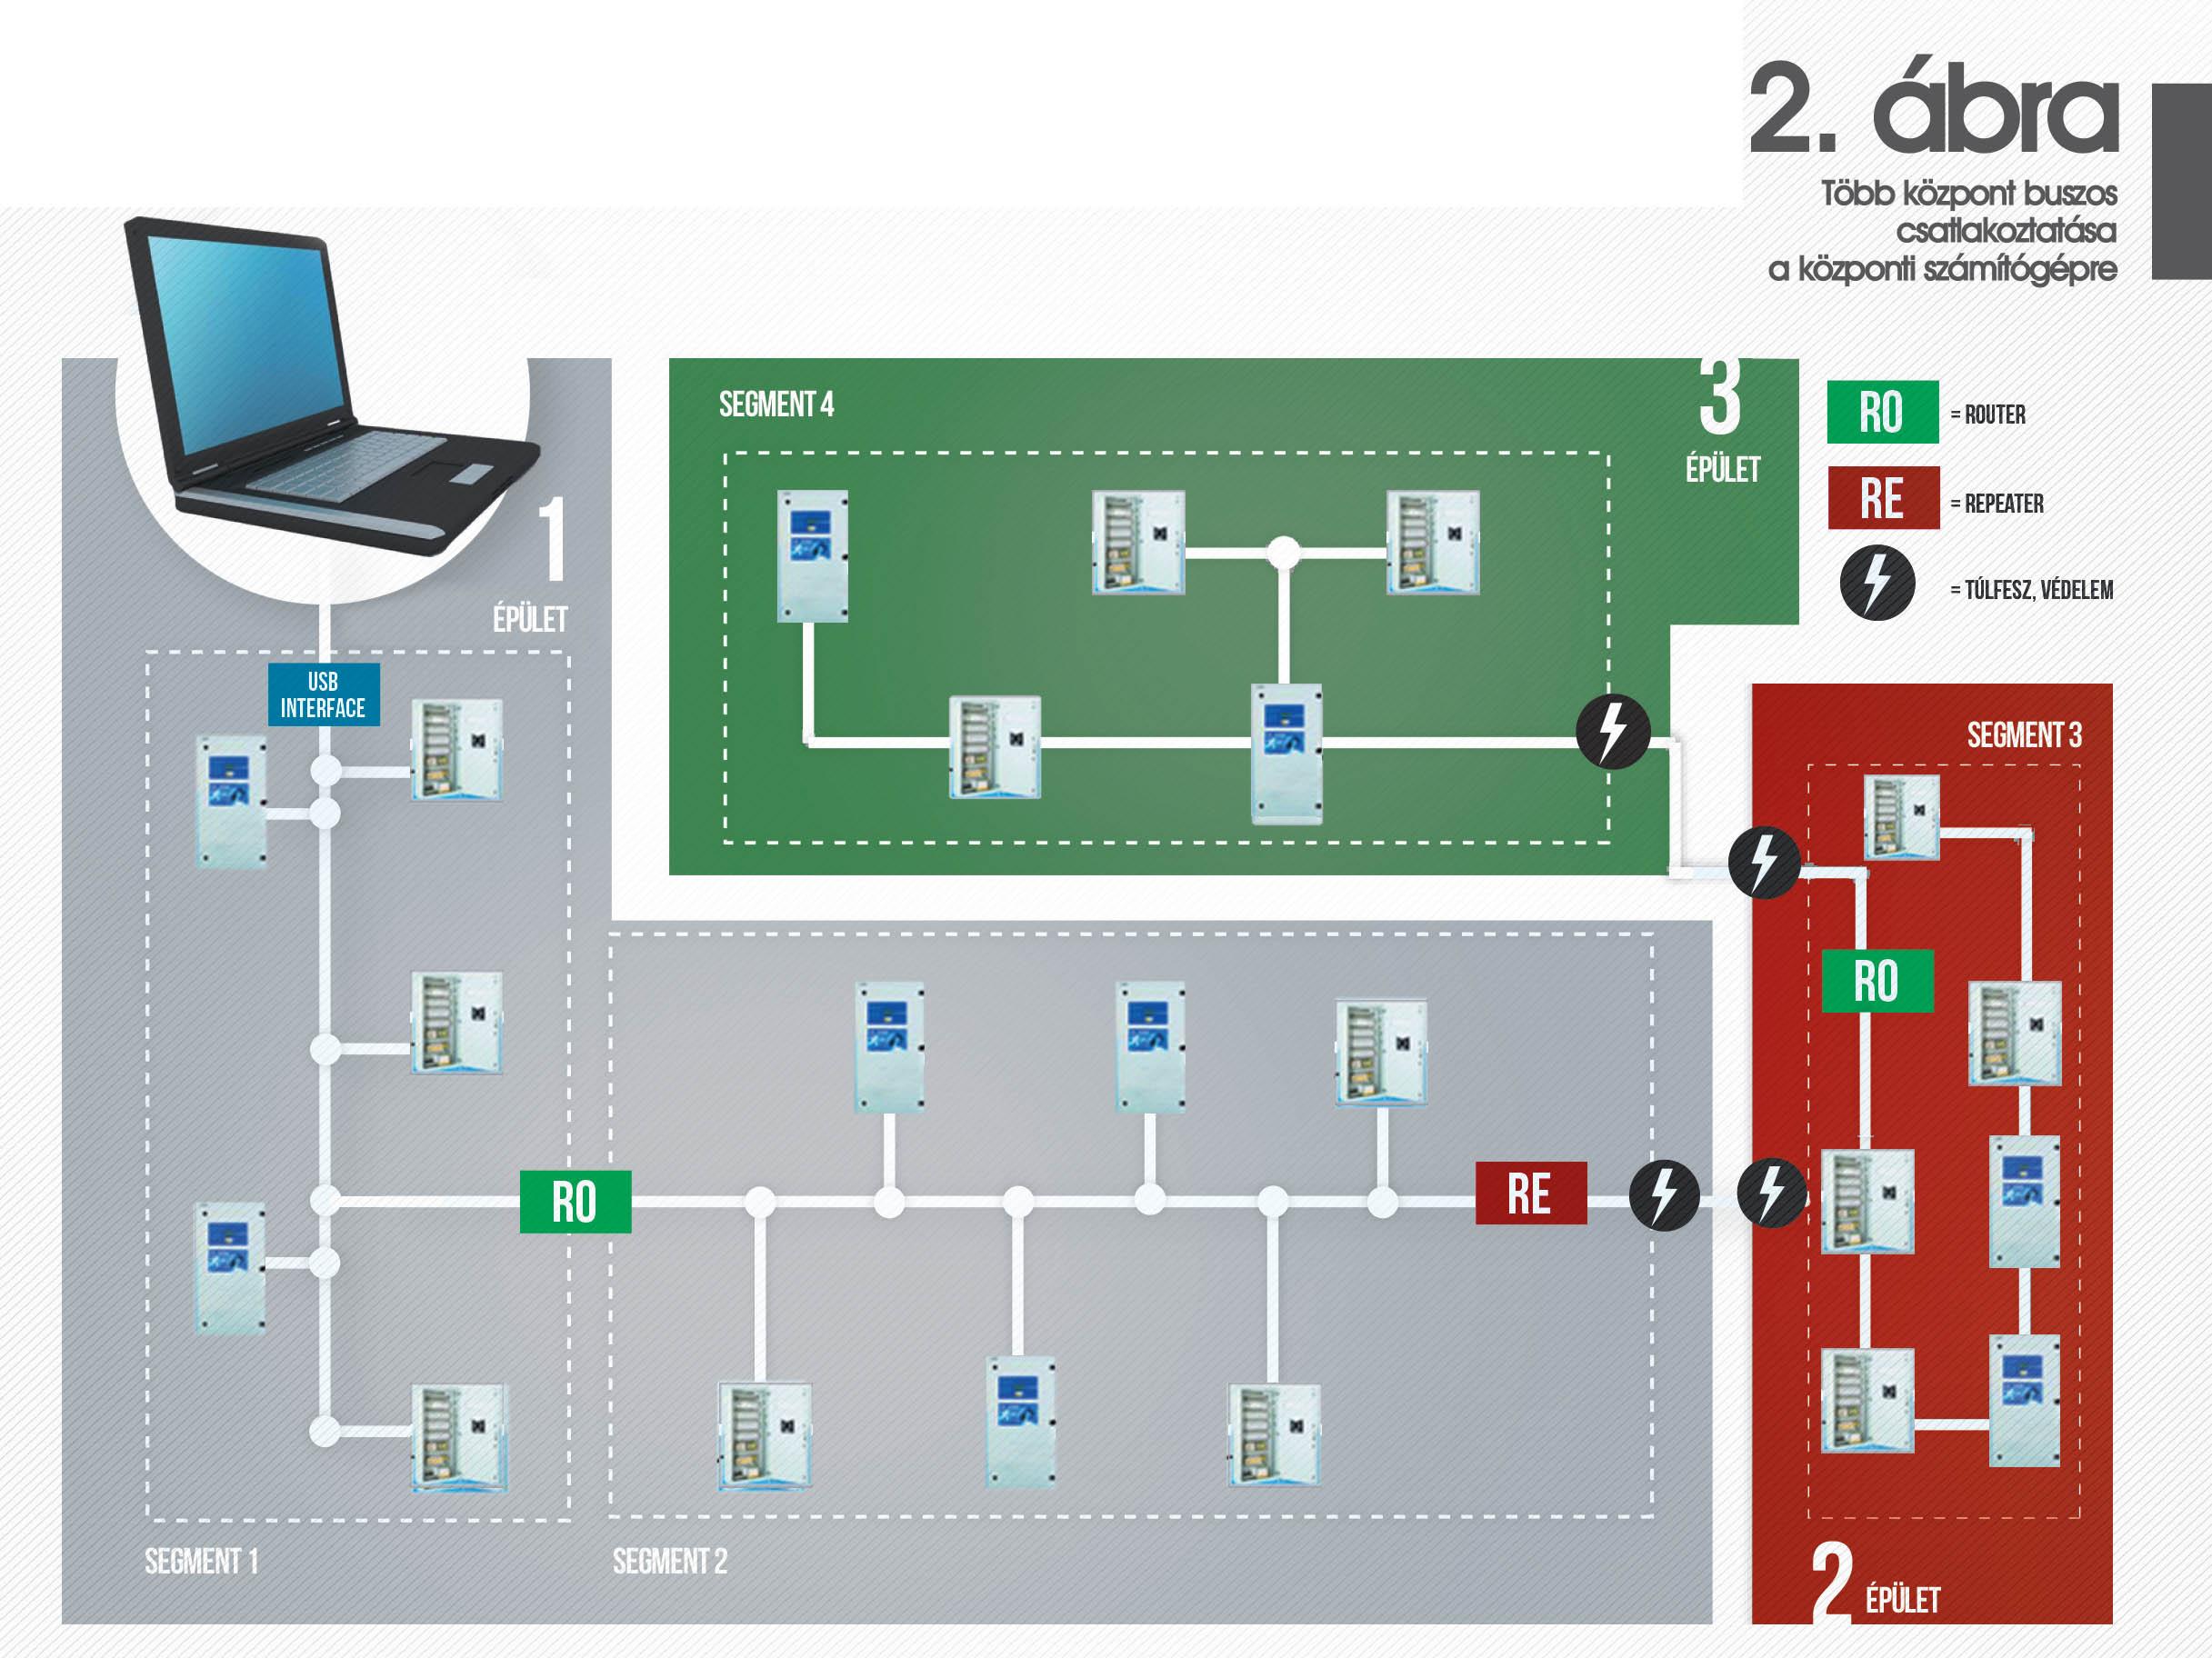 Több központ buszos csatlakoztatása a központi számítógépre